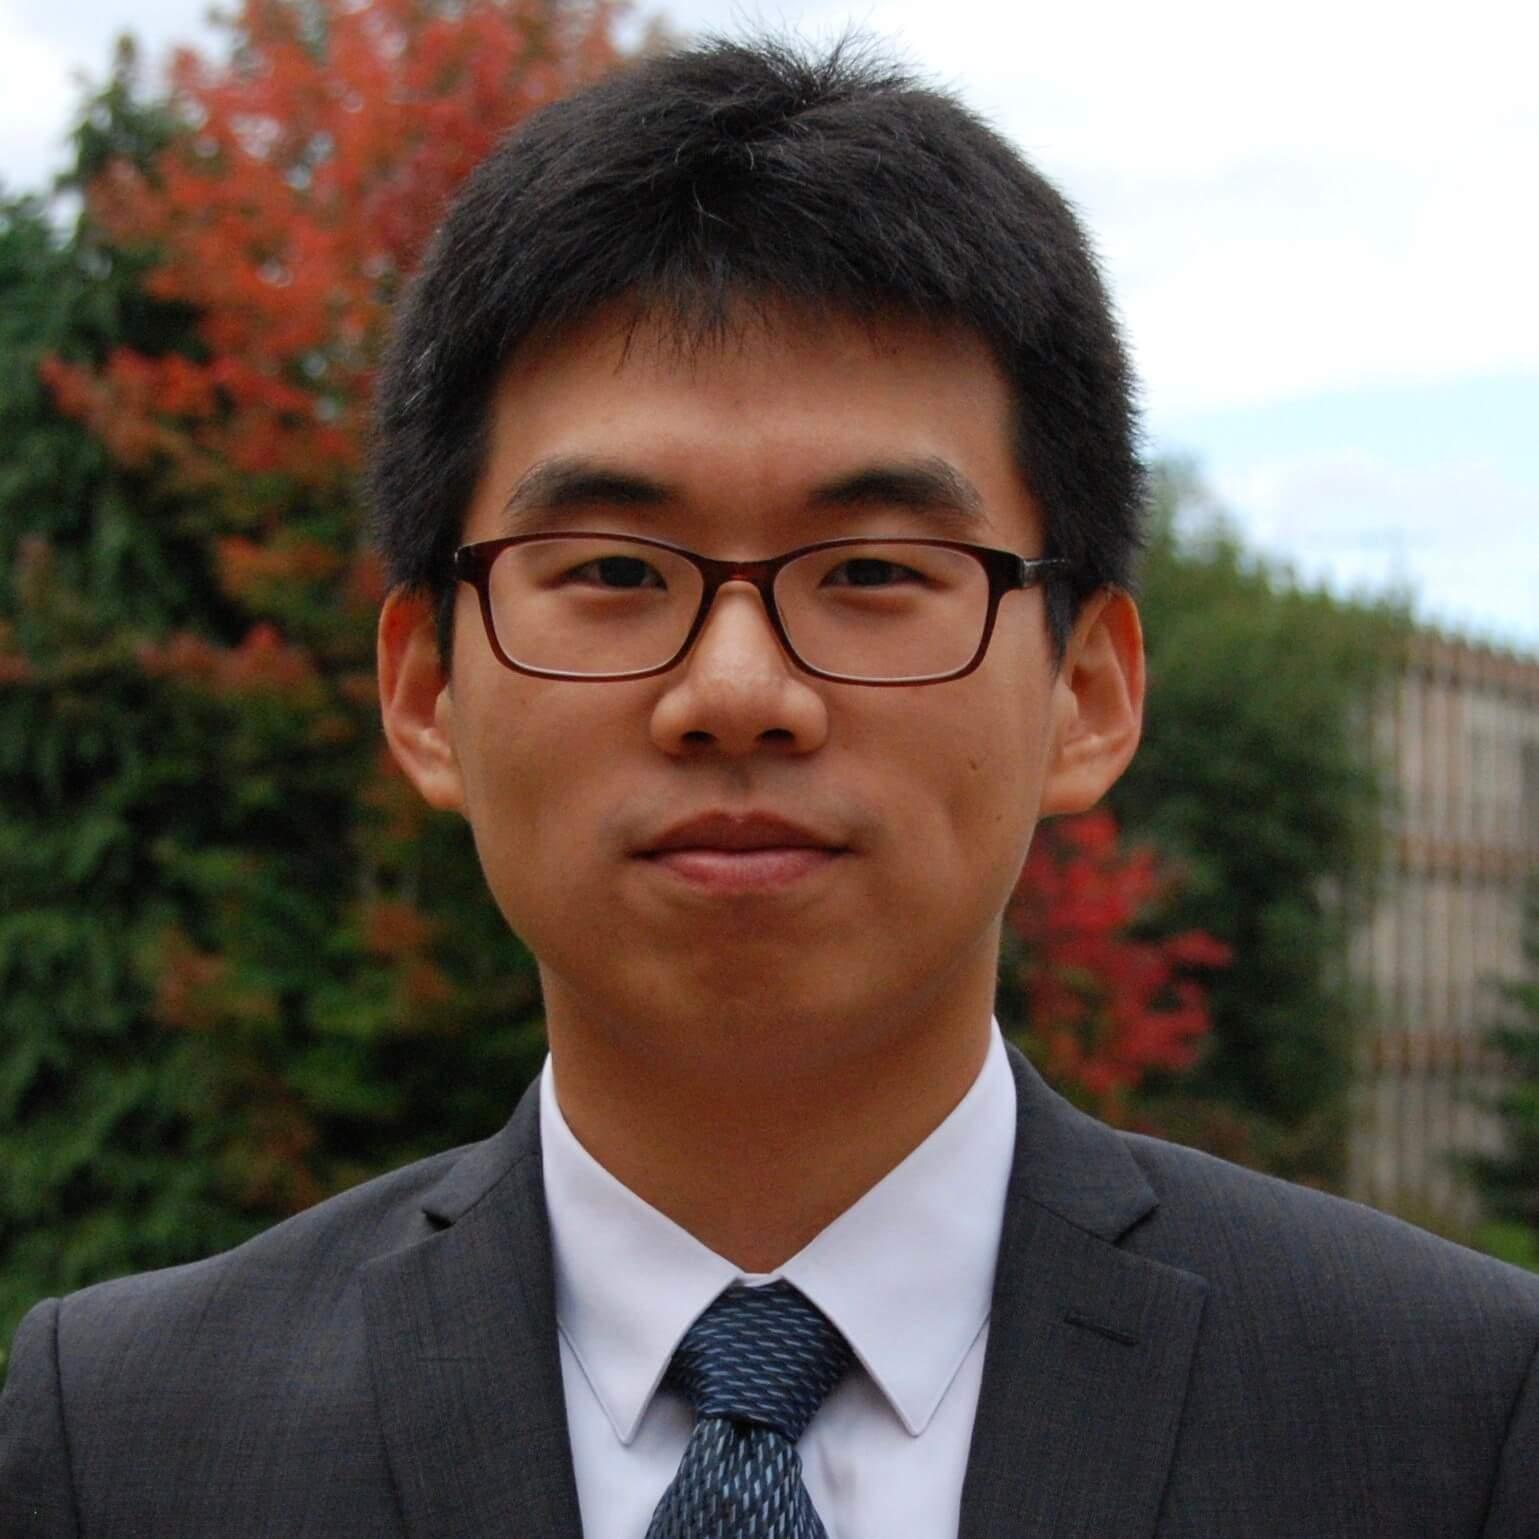 Luke Lee : Graduate Student